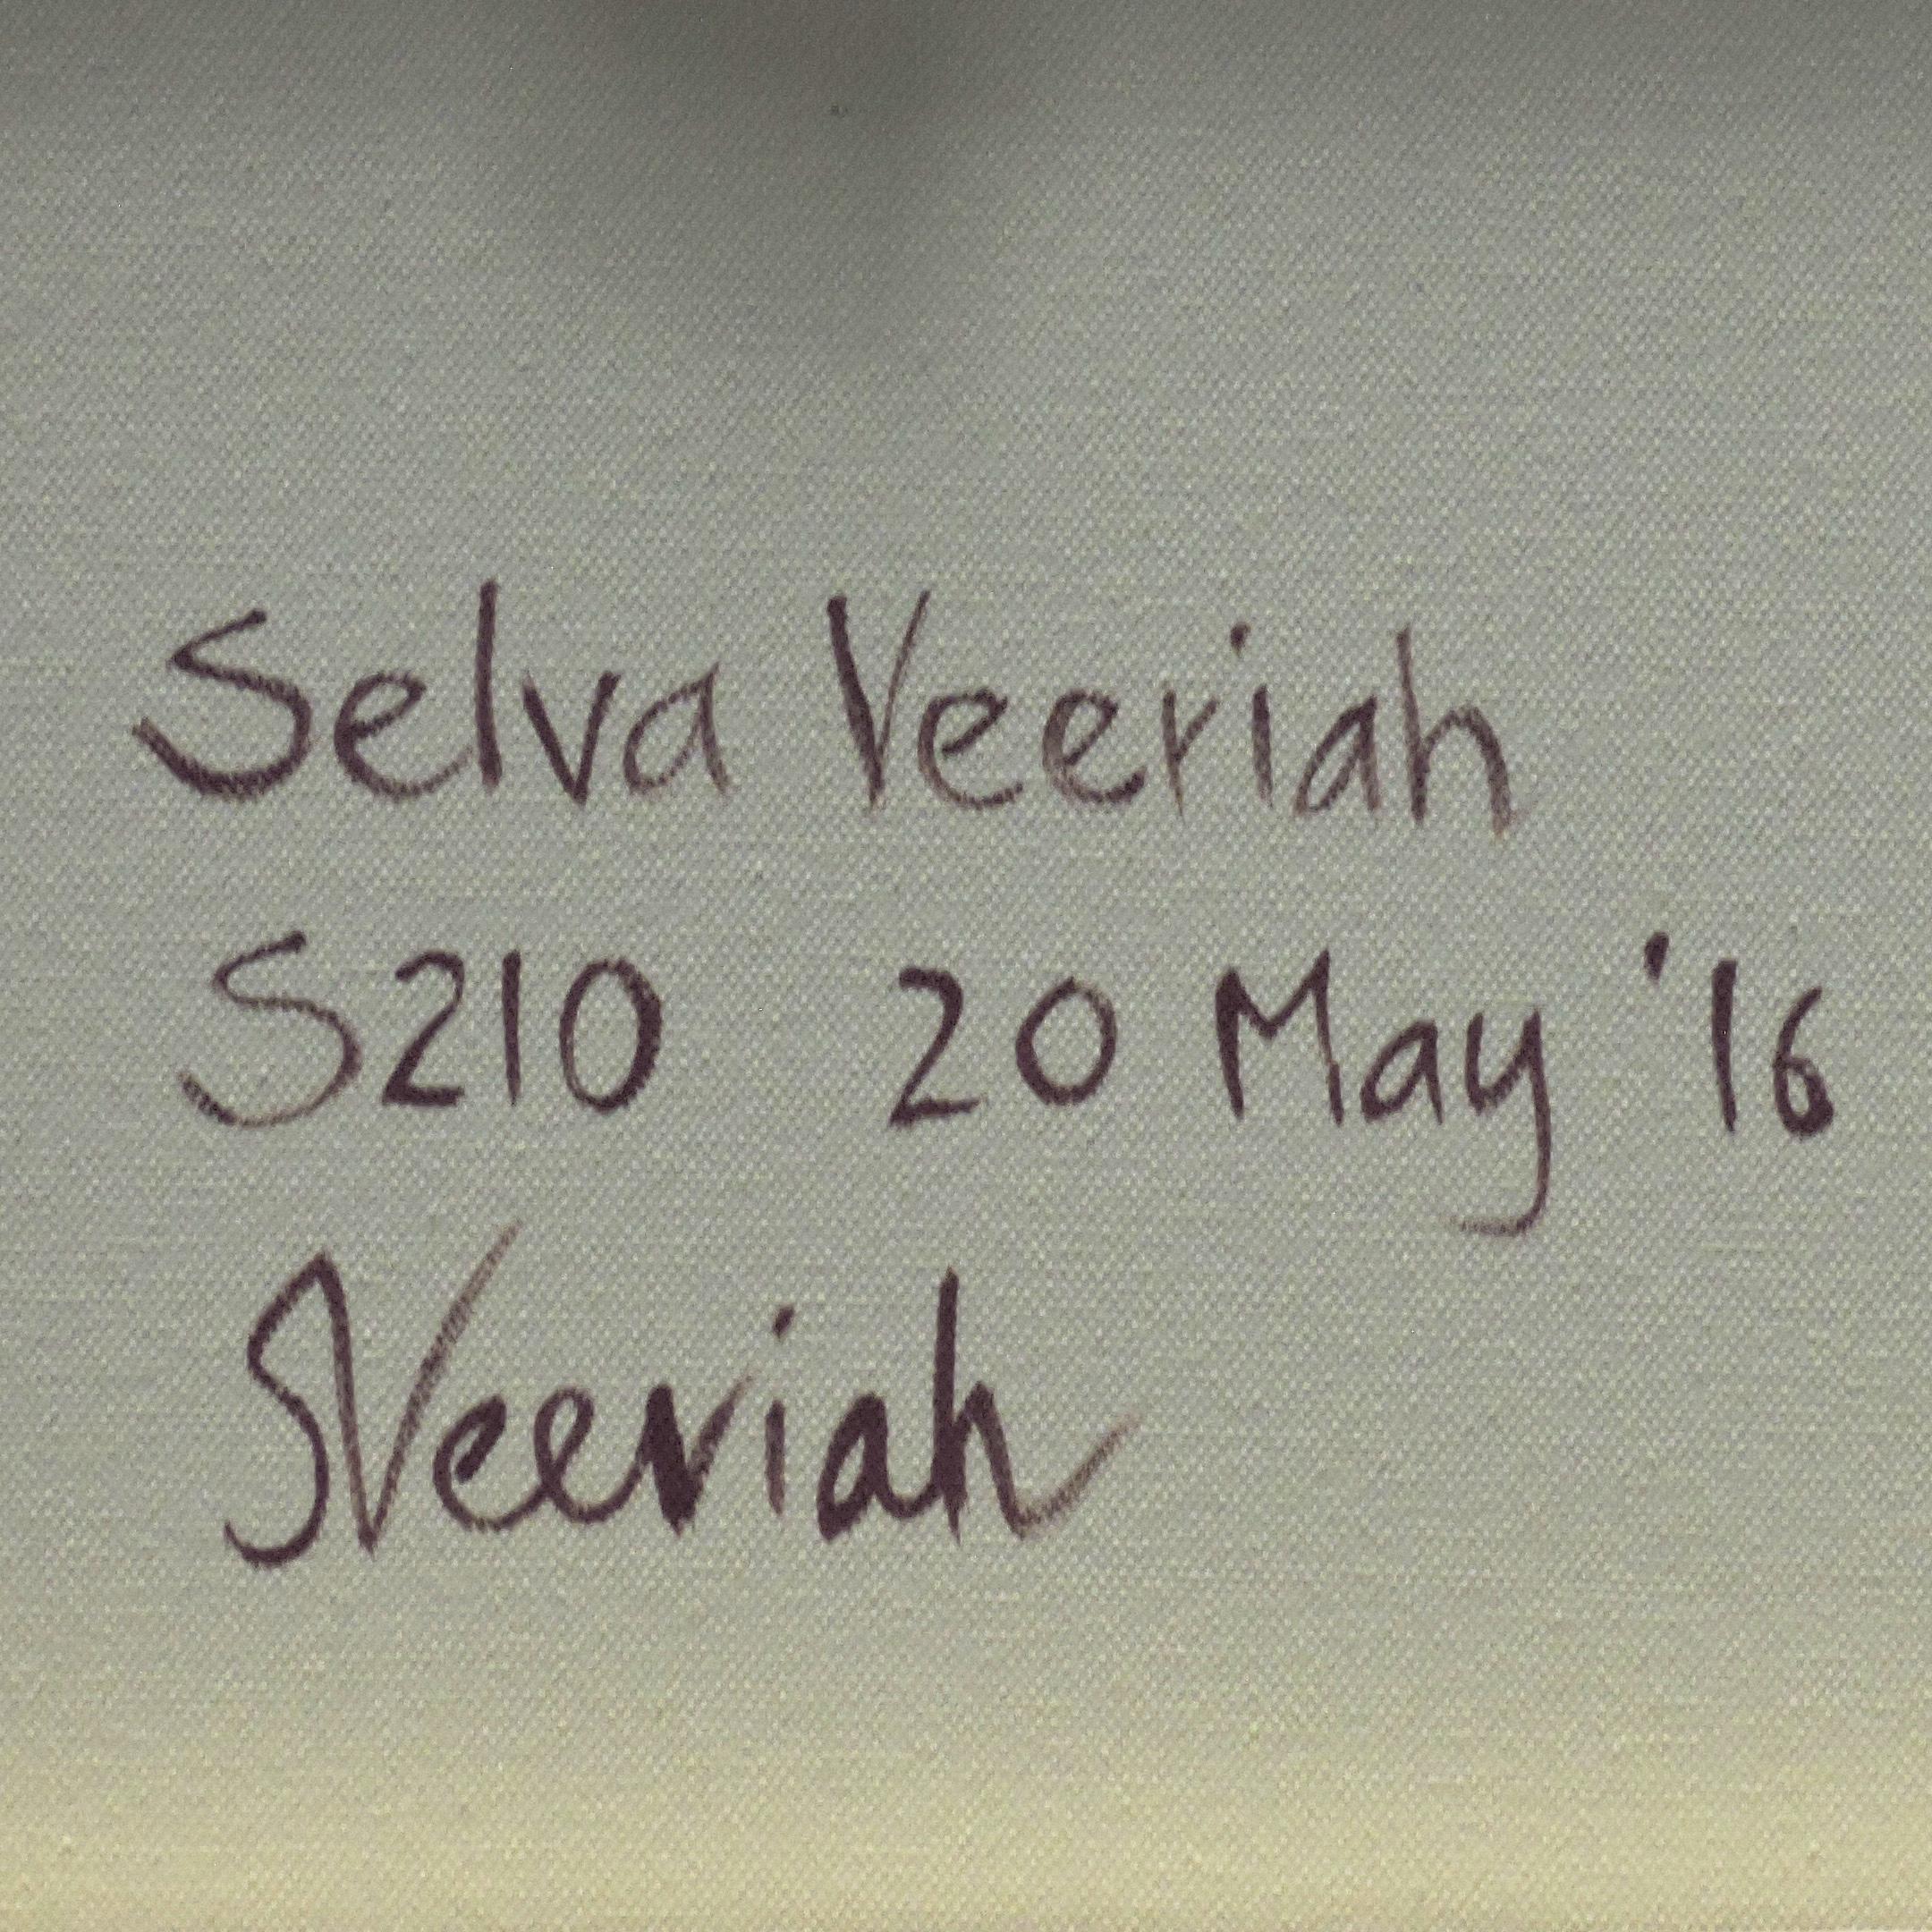 S210 Close-up (Signature)